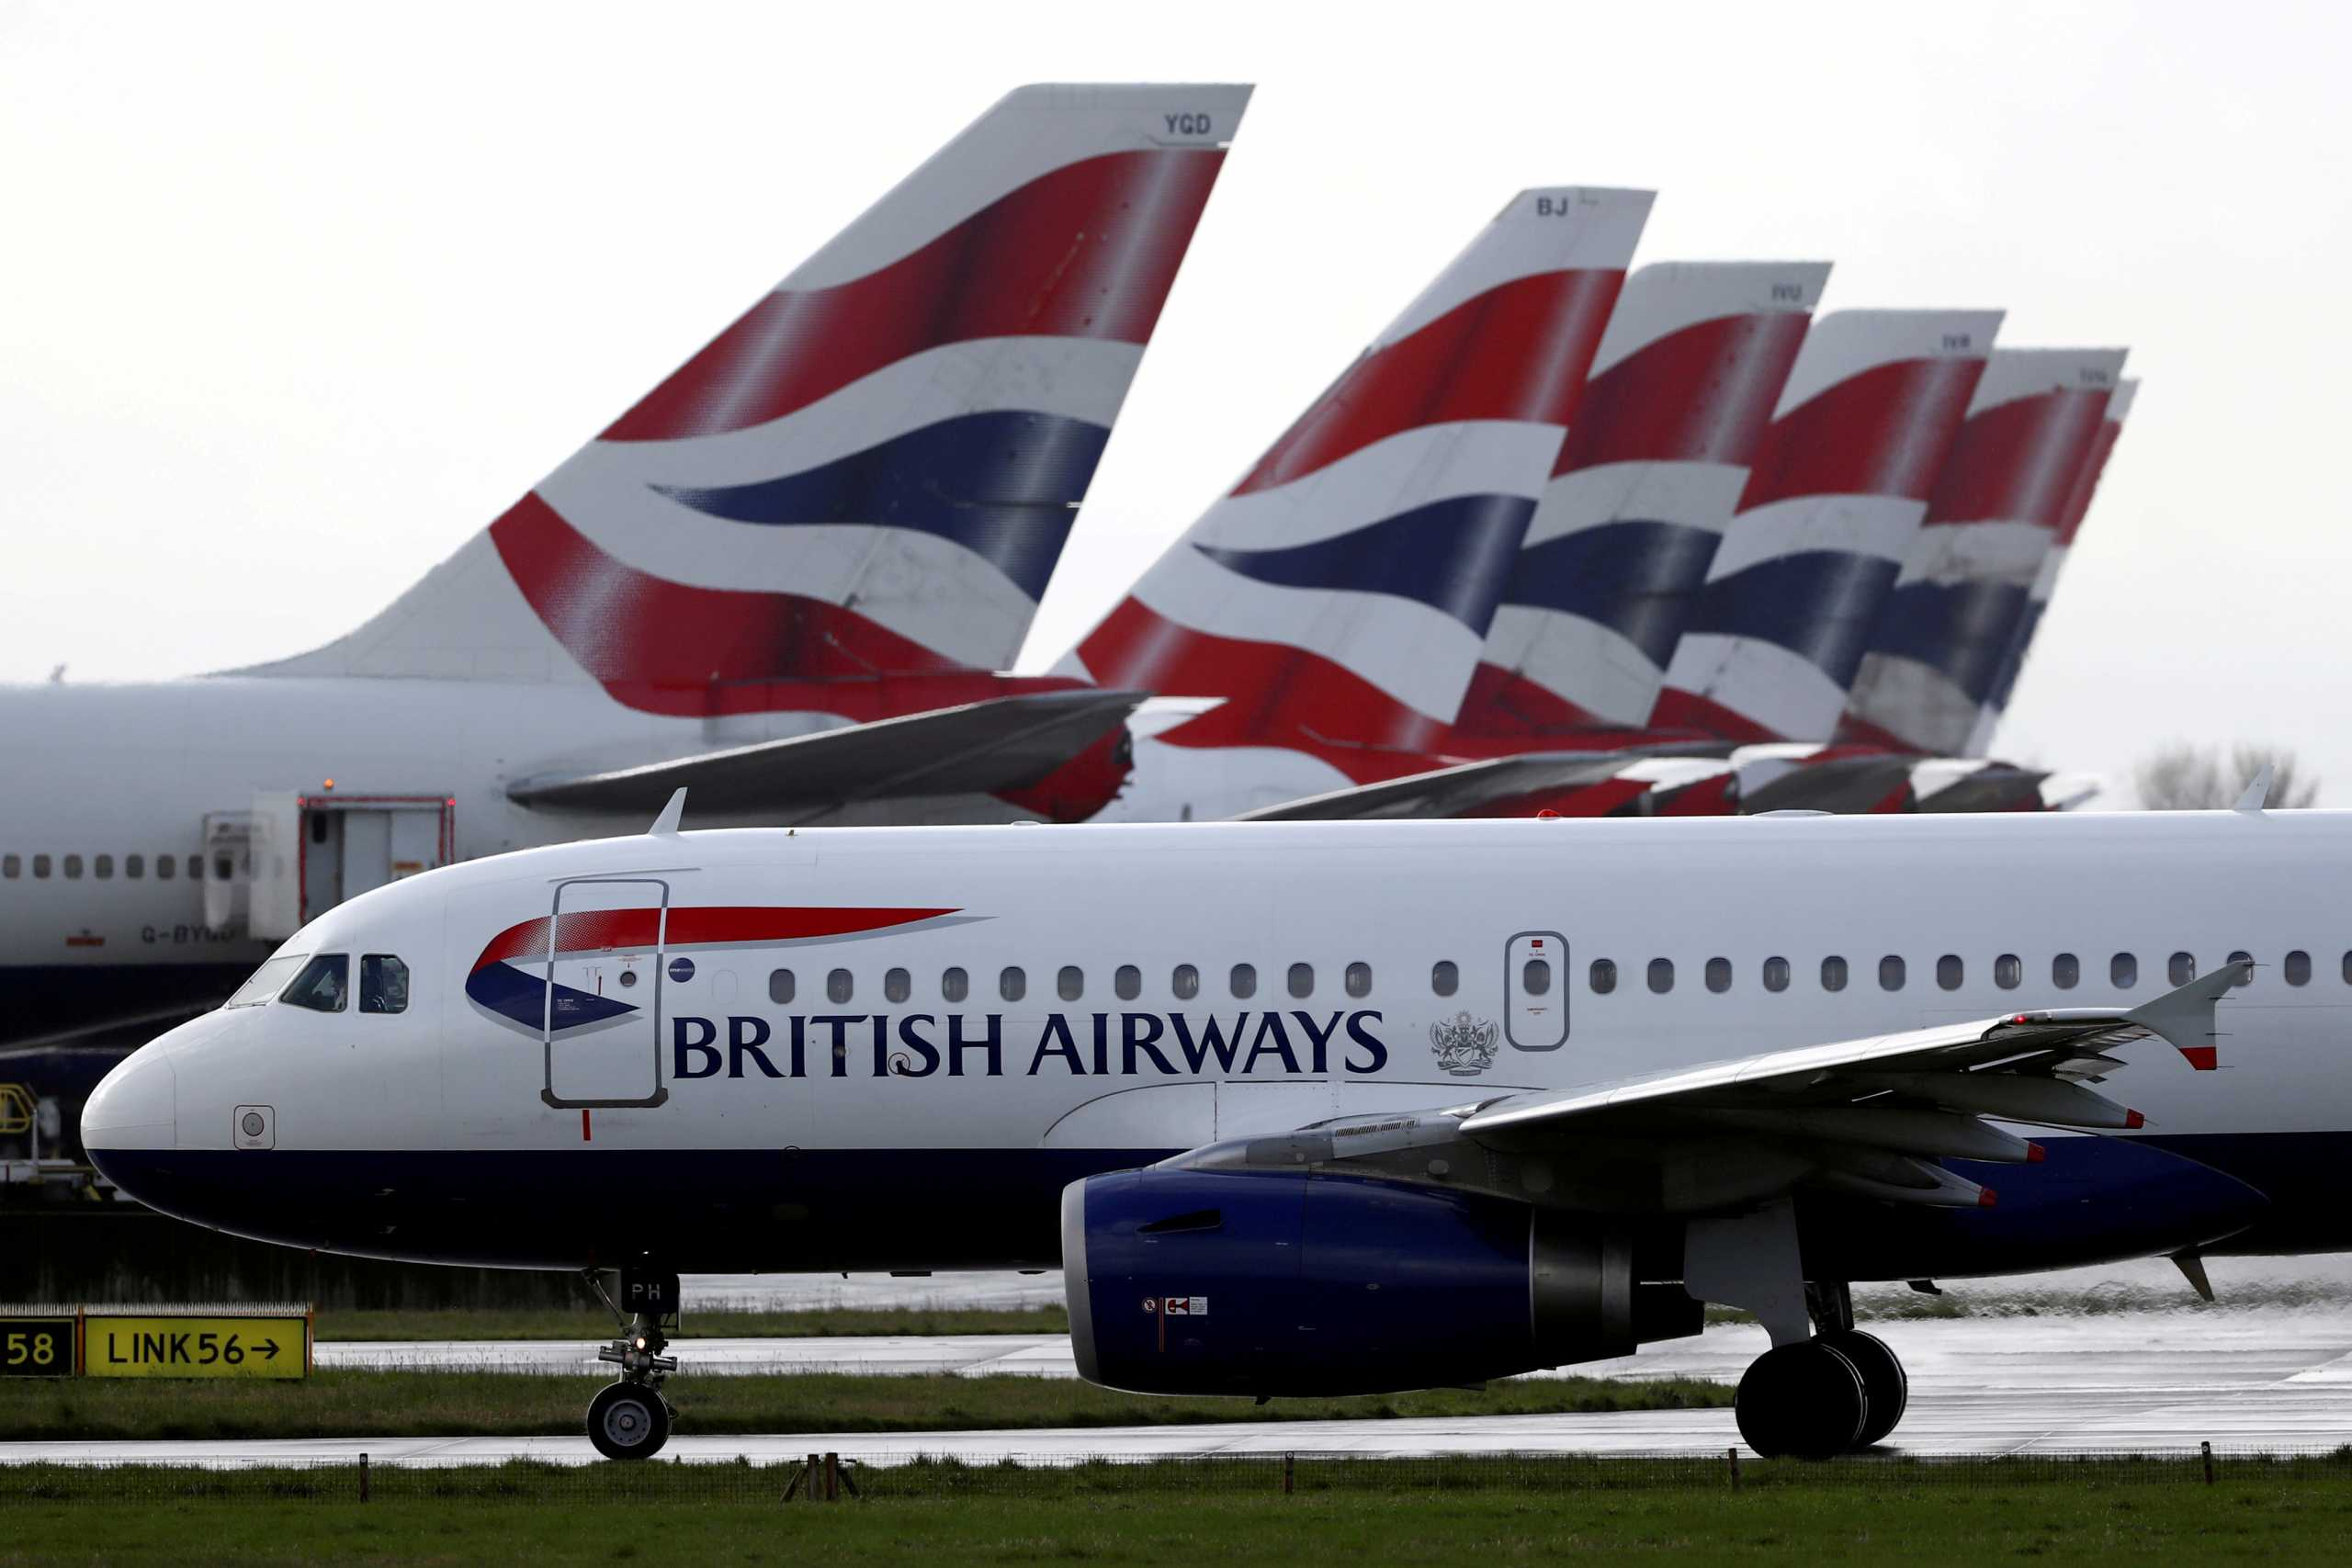 Ουγγαρία: Απαγορεύει την προσγείωση αεροσκαφών από τη Βρετανία έως τις 8 Φεβρουαρίου